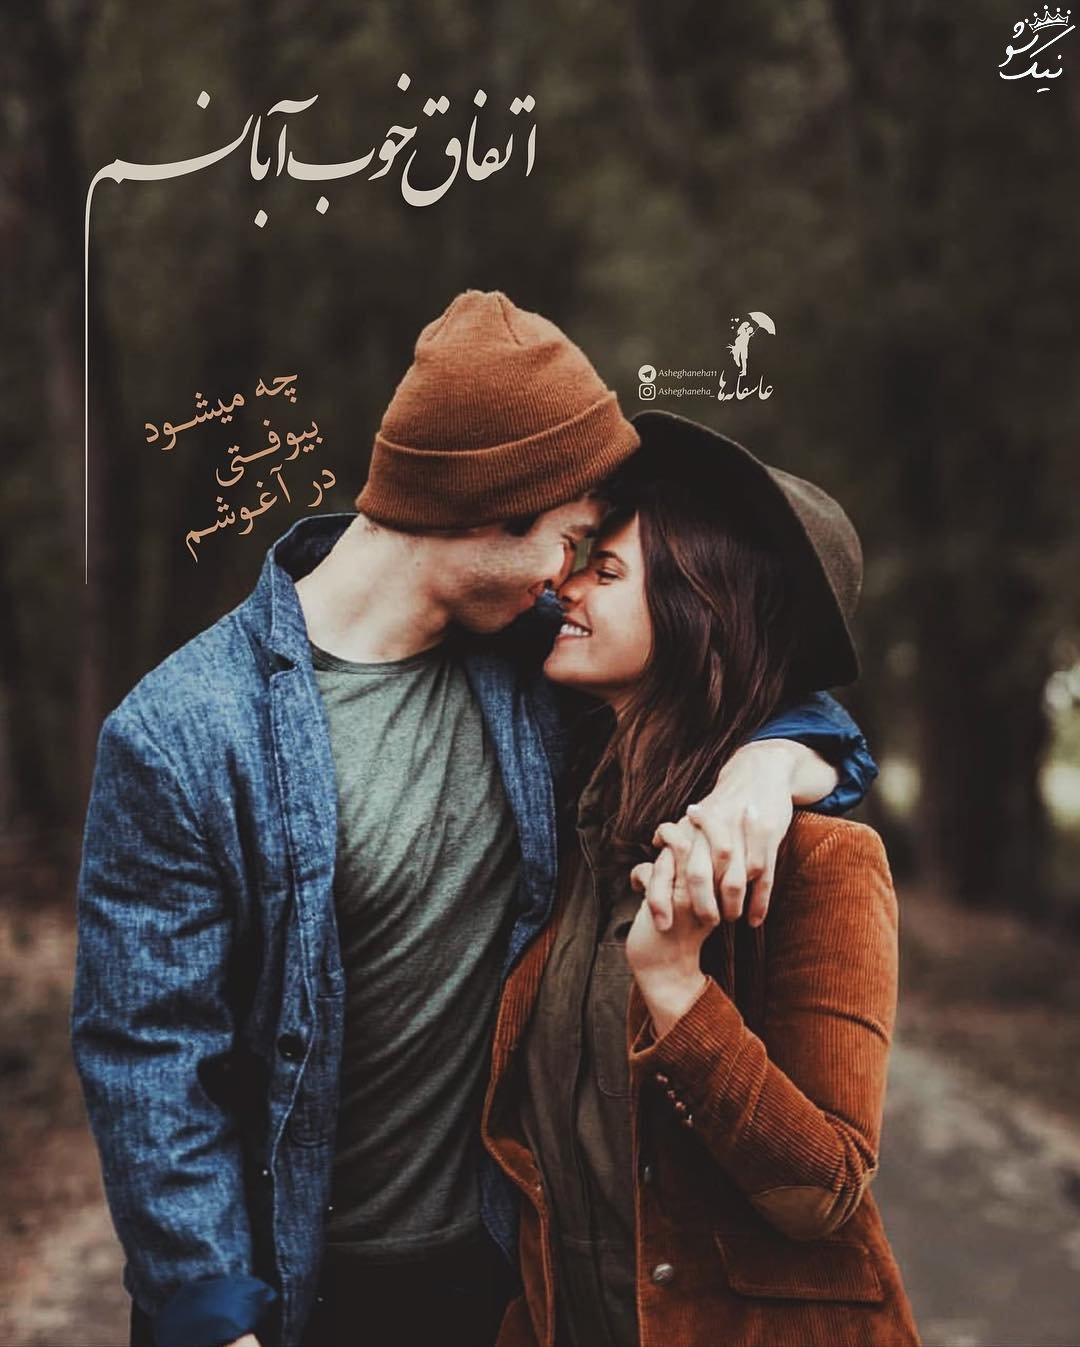 عکس های عاشقانه با متن | دونفره جدید